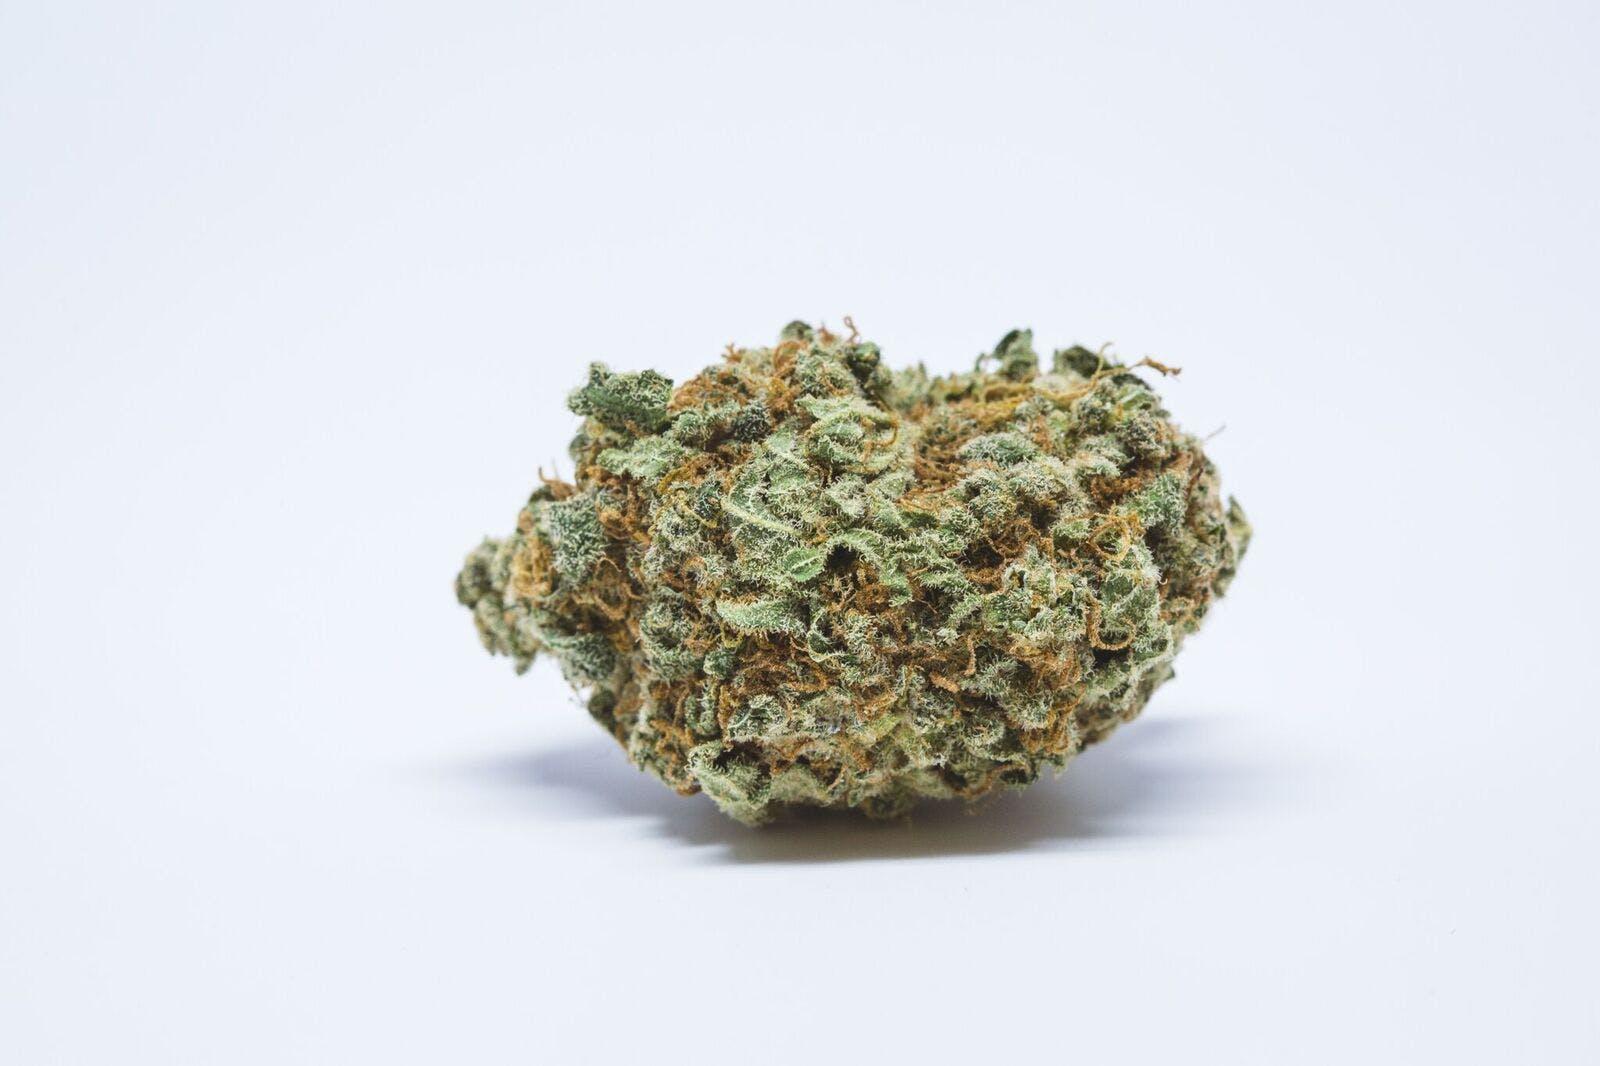 Citrus Kush Weed; Citrus Kush Cannabis Strain; Citrus Kush Hybrid Marijuana Strain